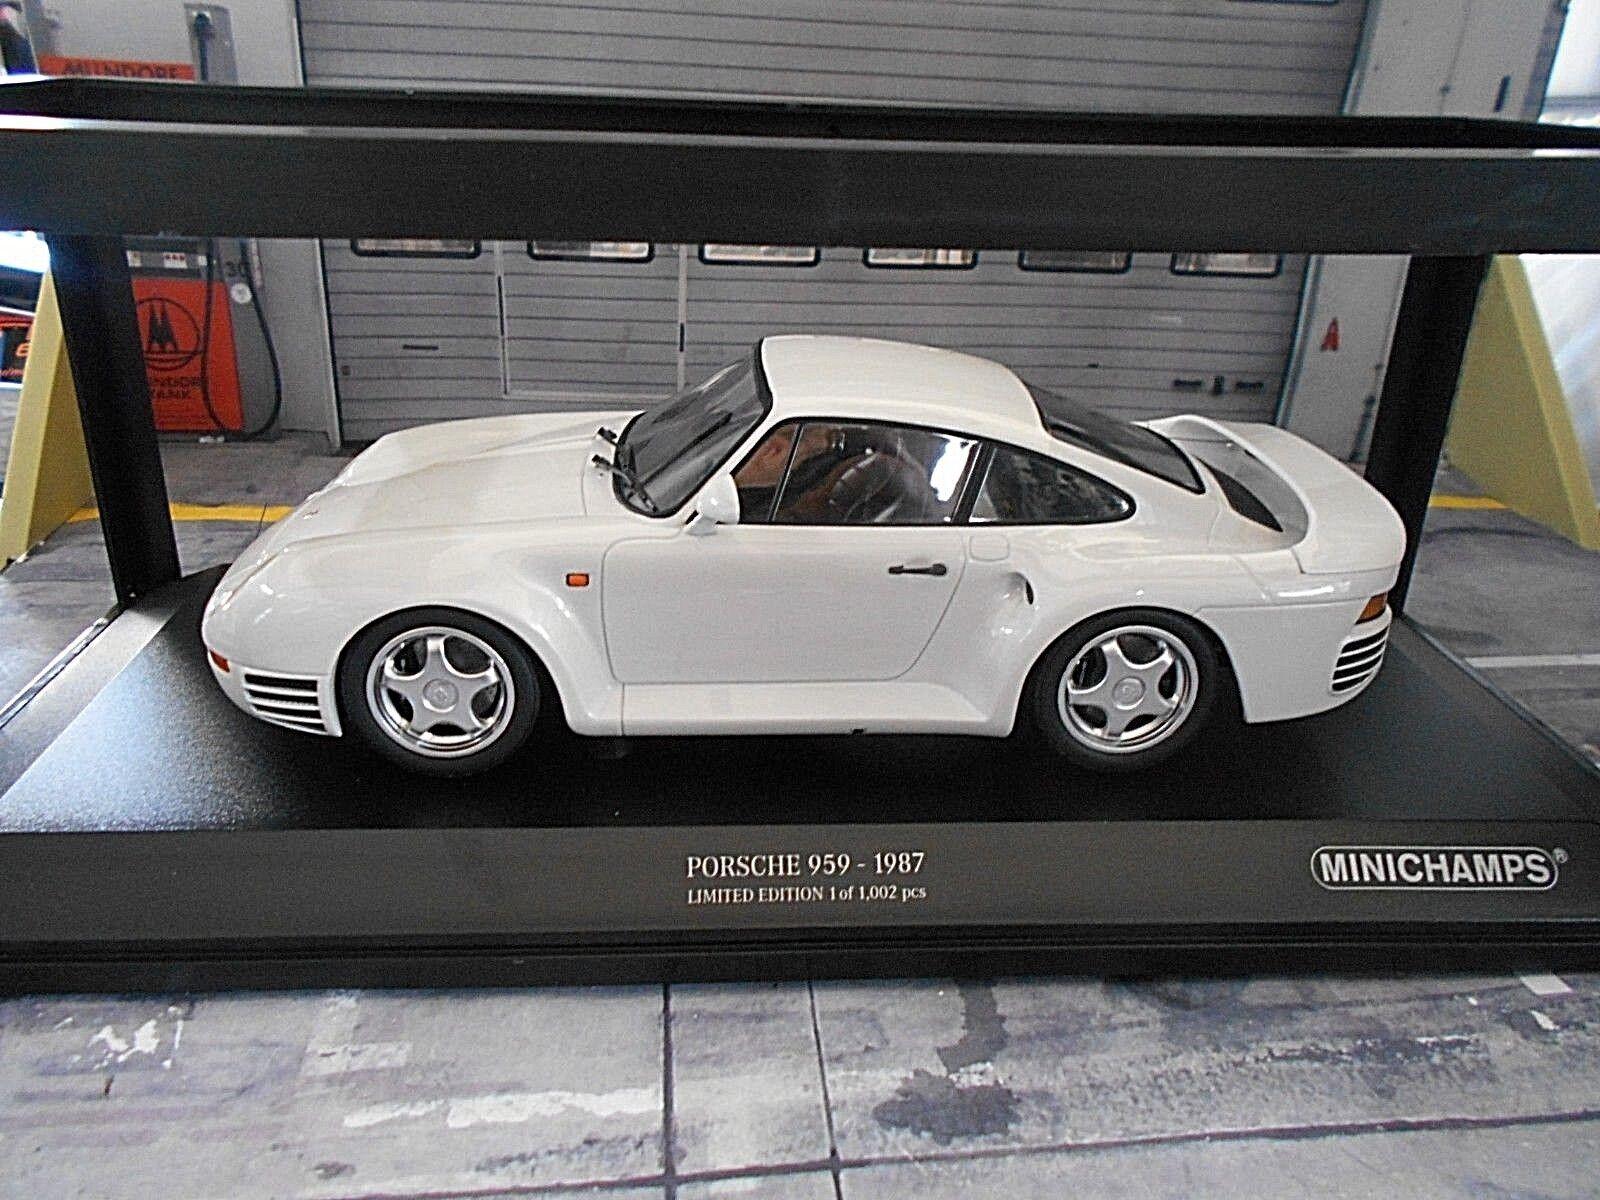 Porsche 959 4x4 Taille B Coupe blanc 1987  Promotional Minichamps 1 18  vente de renommée mondiale en ligne